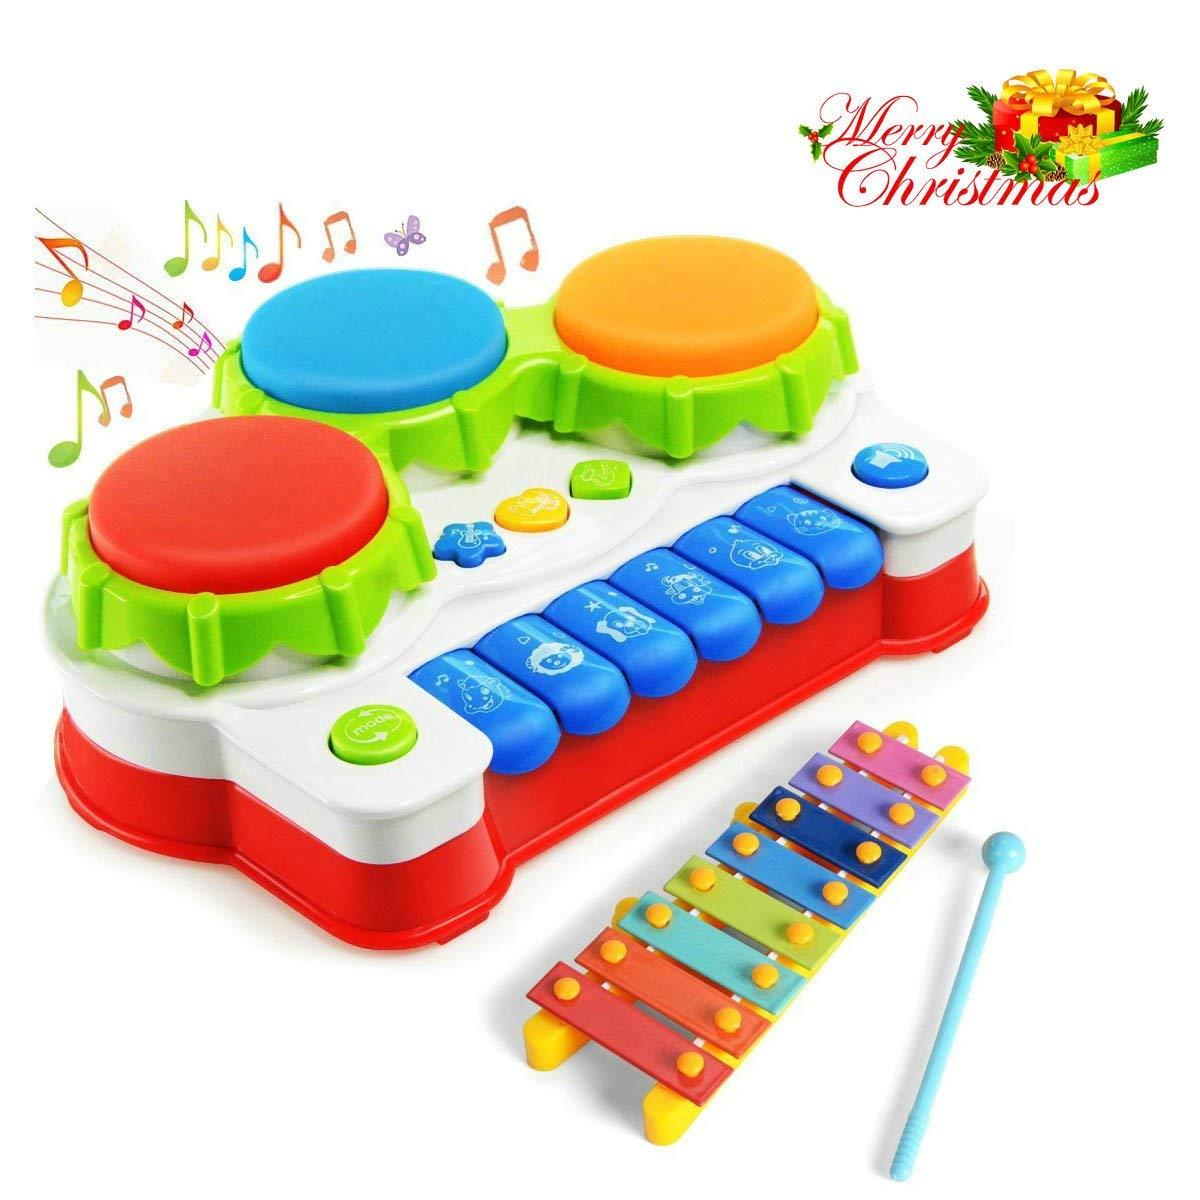 Instrumentos En Valorados Mejor Para Niñosamp; Musicales Opiniones A5LqRScj43